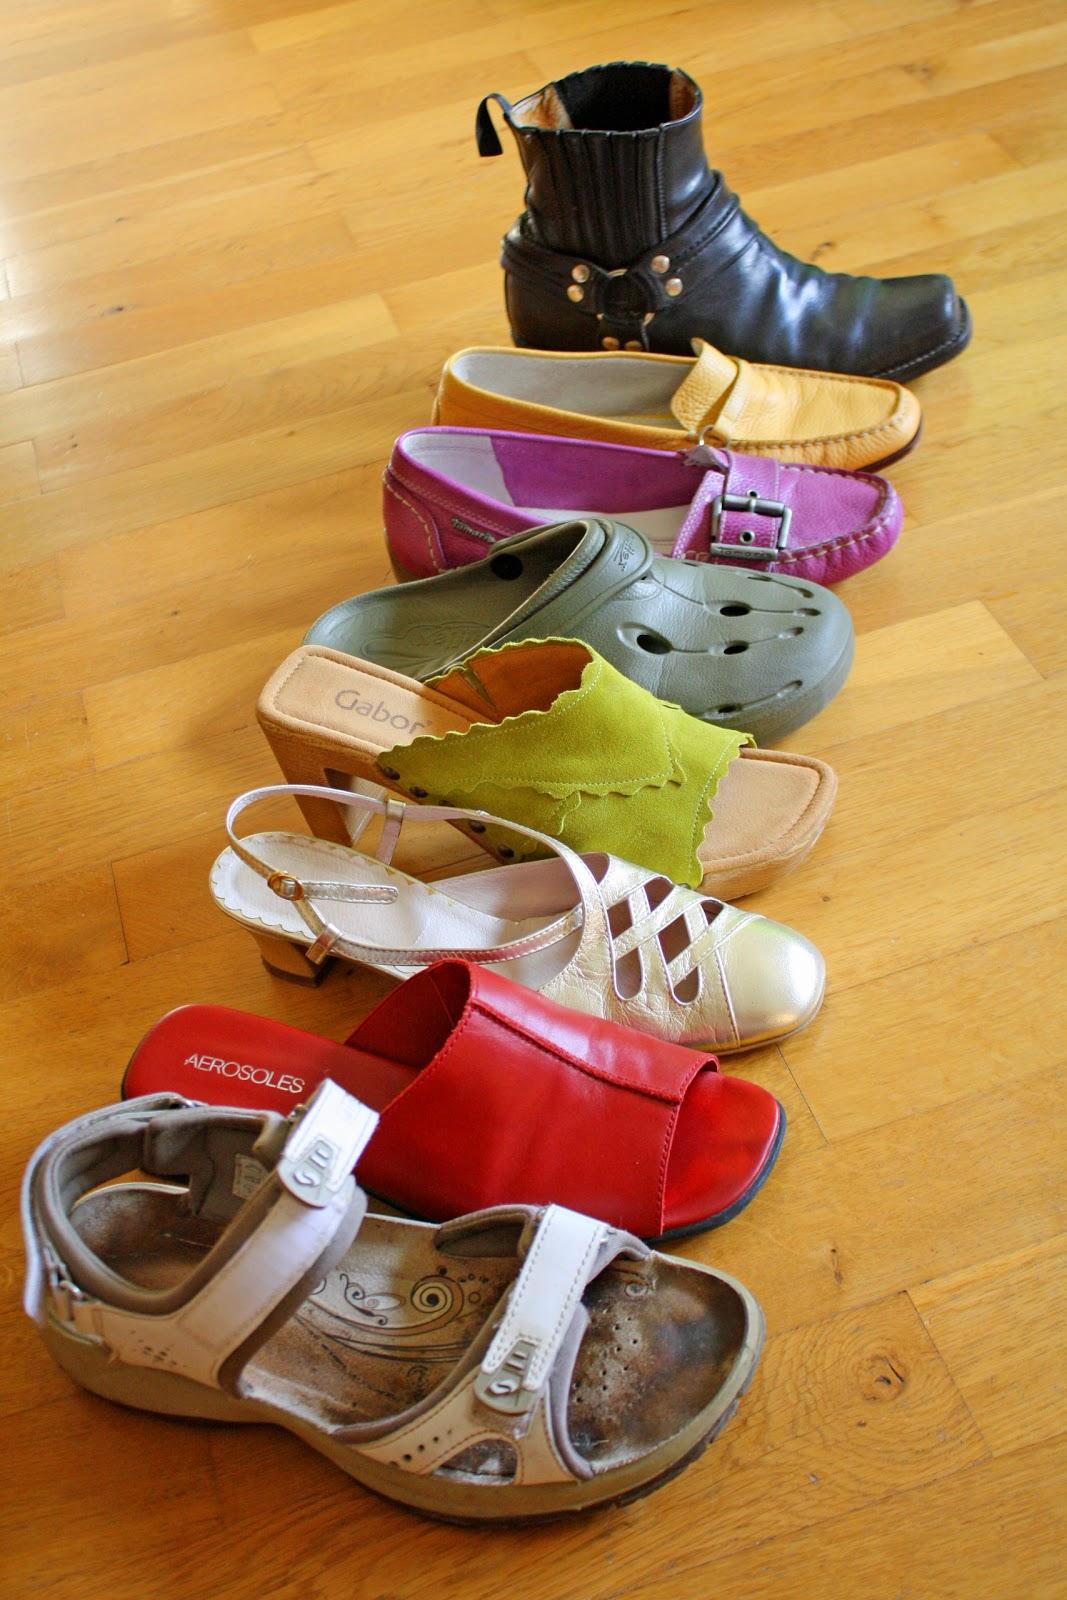 SeelengoldVegane Tips Tips Schuhe Schuhe gesucht